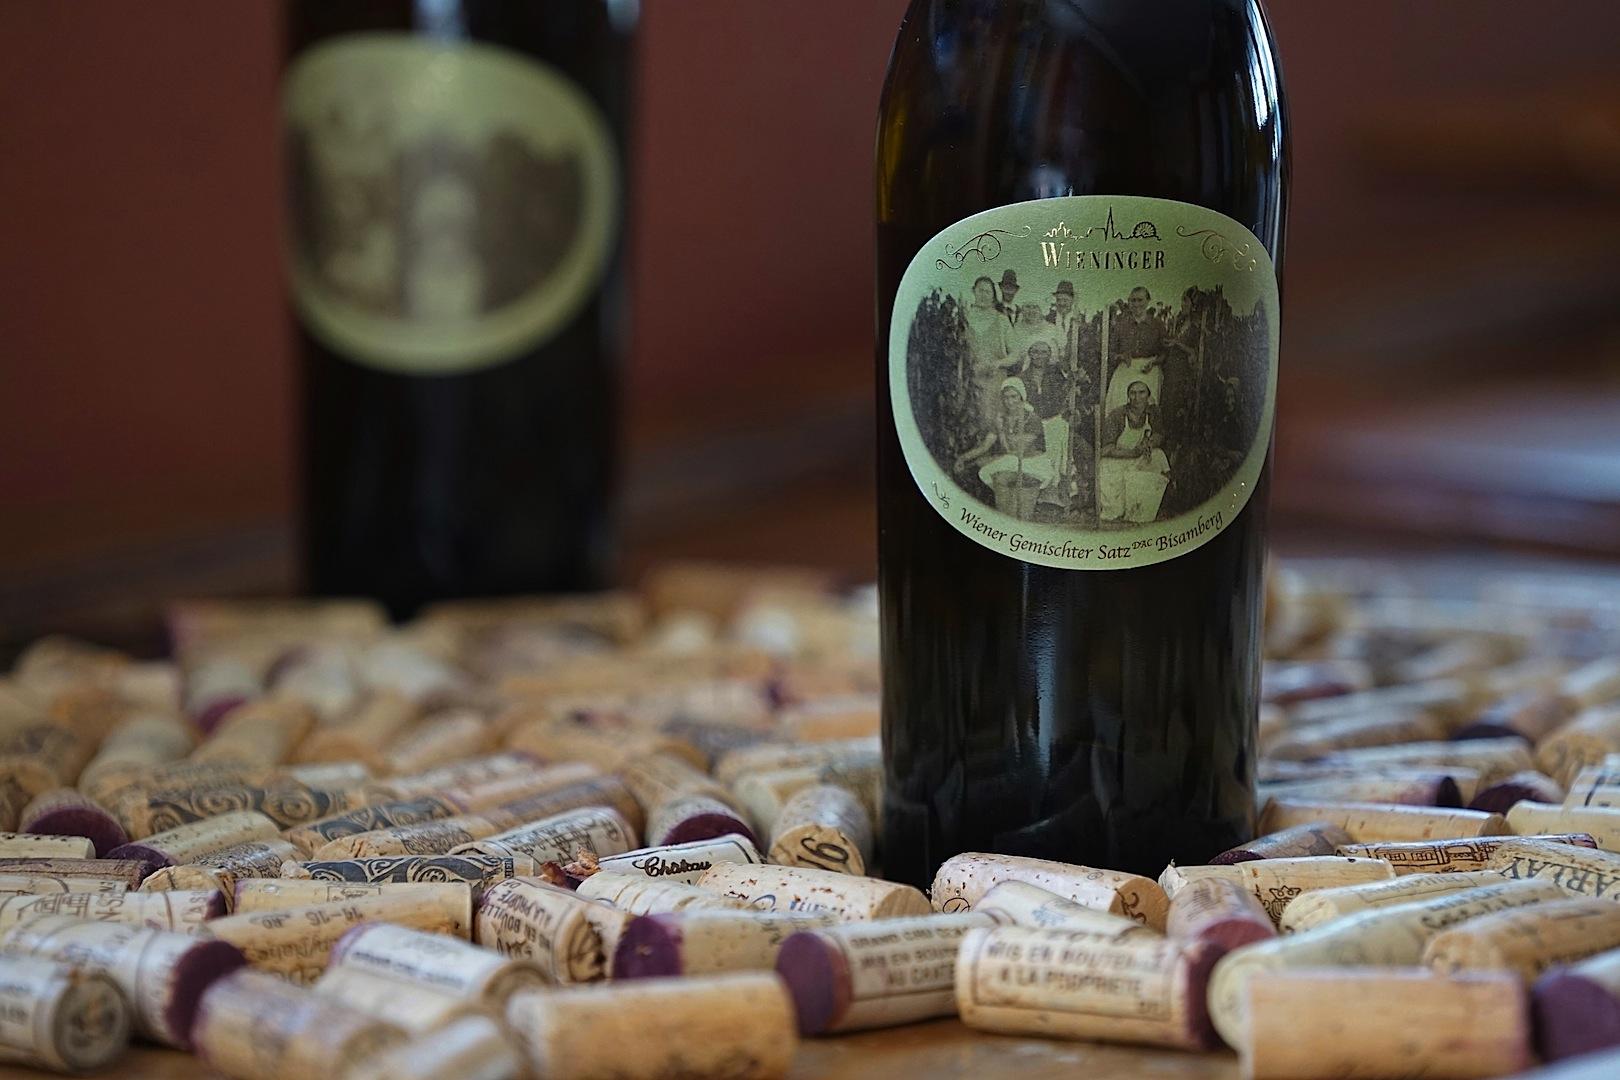 Der Wiener Gemischte Satz DAC Bisamberg 2017 verkörpert einen Lagenwein, dem es gefällt, bereits in seiner Jugend dem geneigten Genießer Spaß zu machen